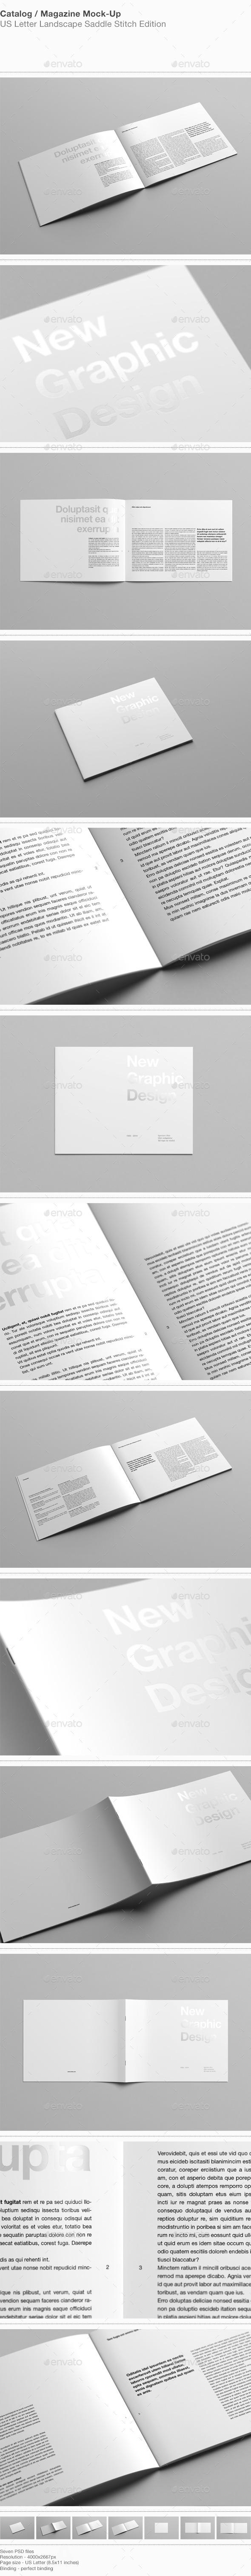 GraphicRiver US Letter Landscape Catalog Magazine Mock-Up 10314586